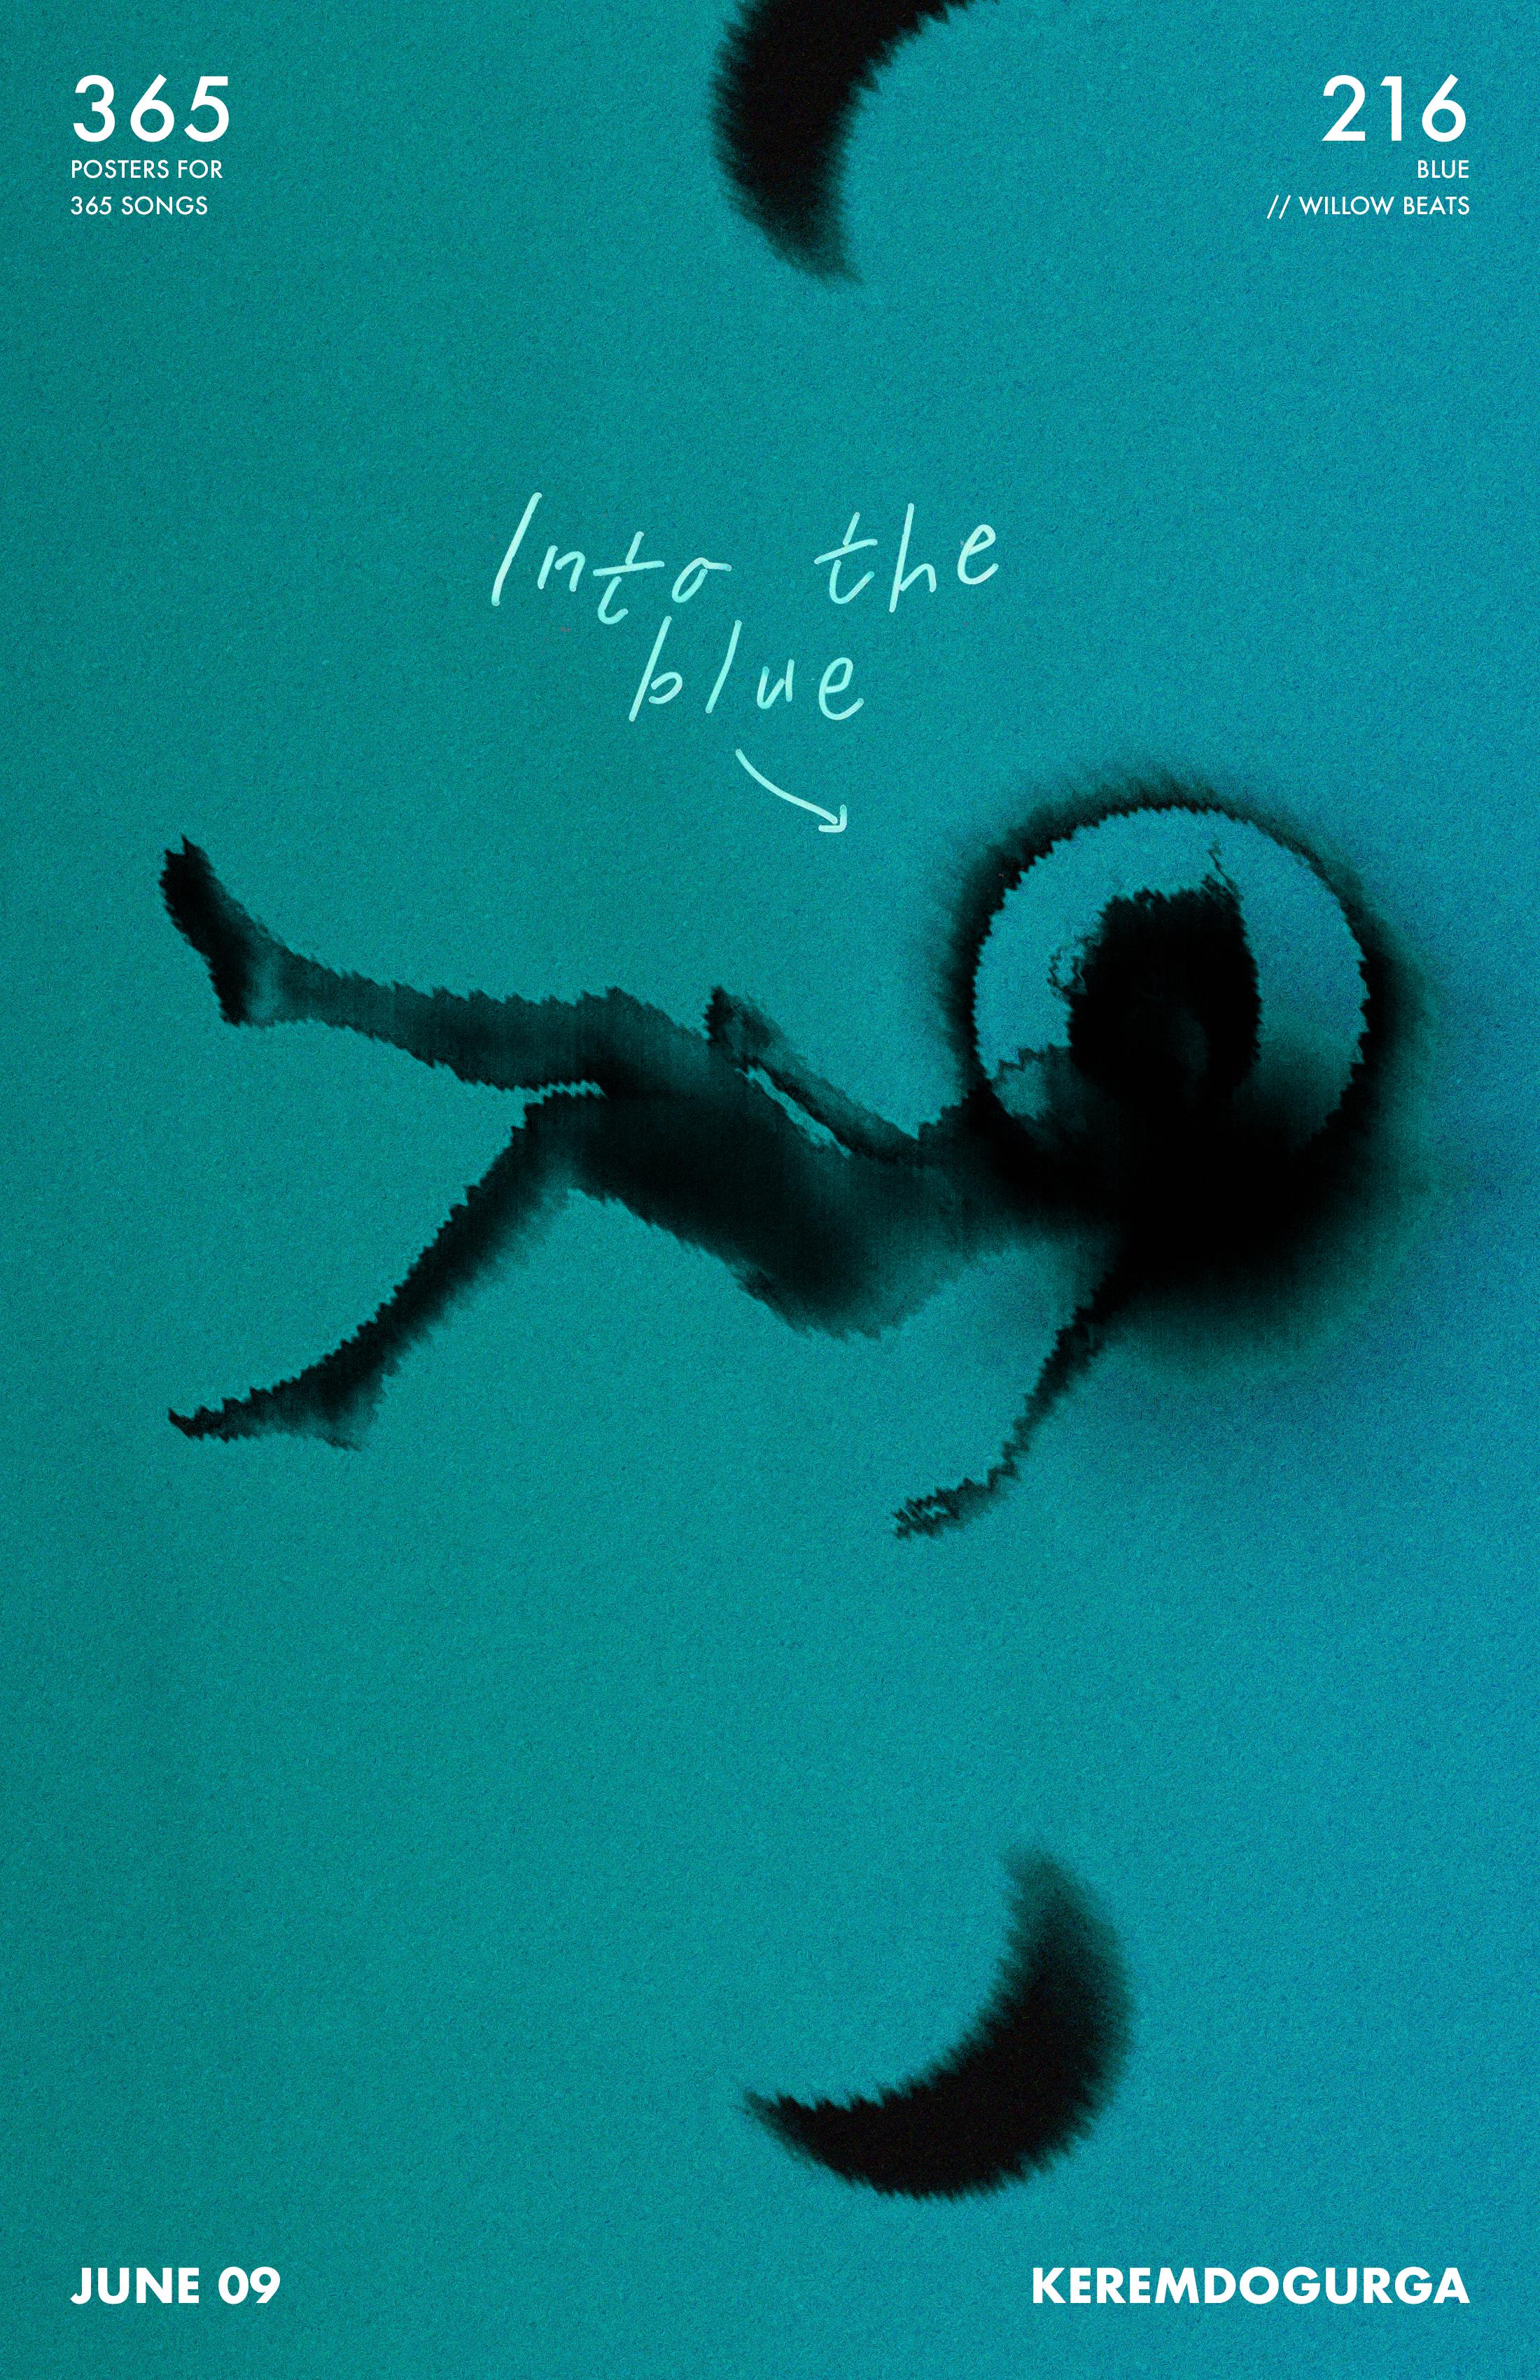 216 Blue // Willow Beats